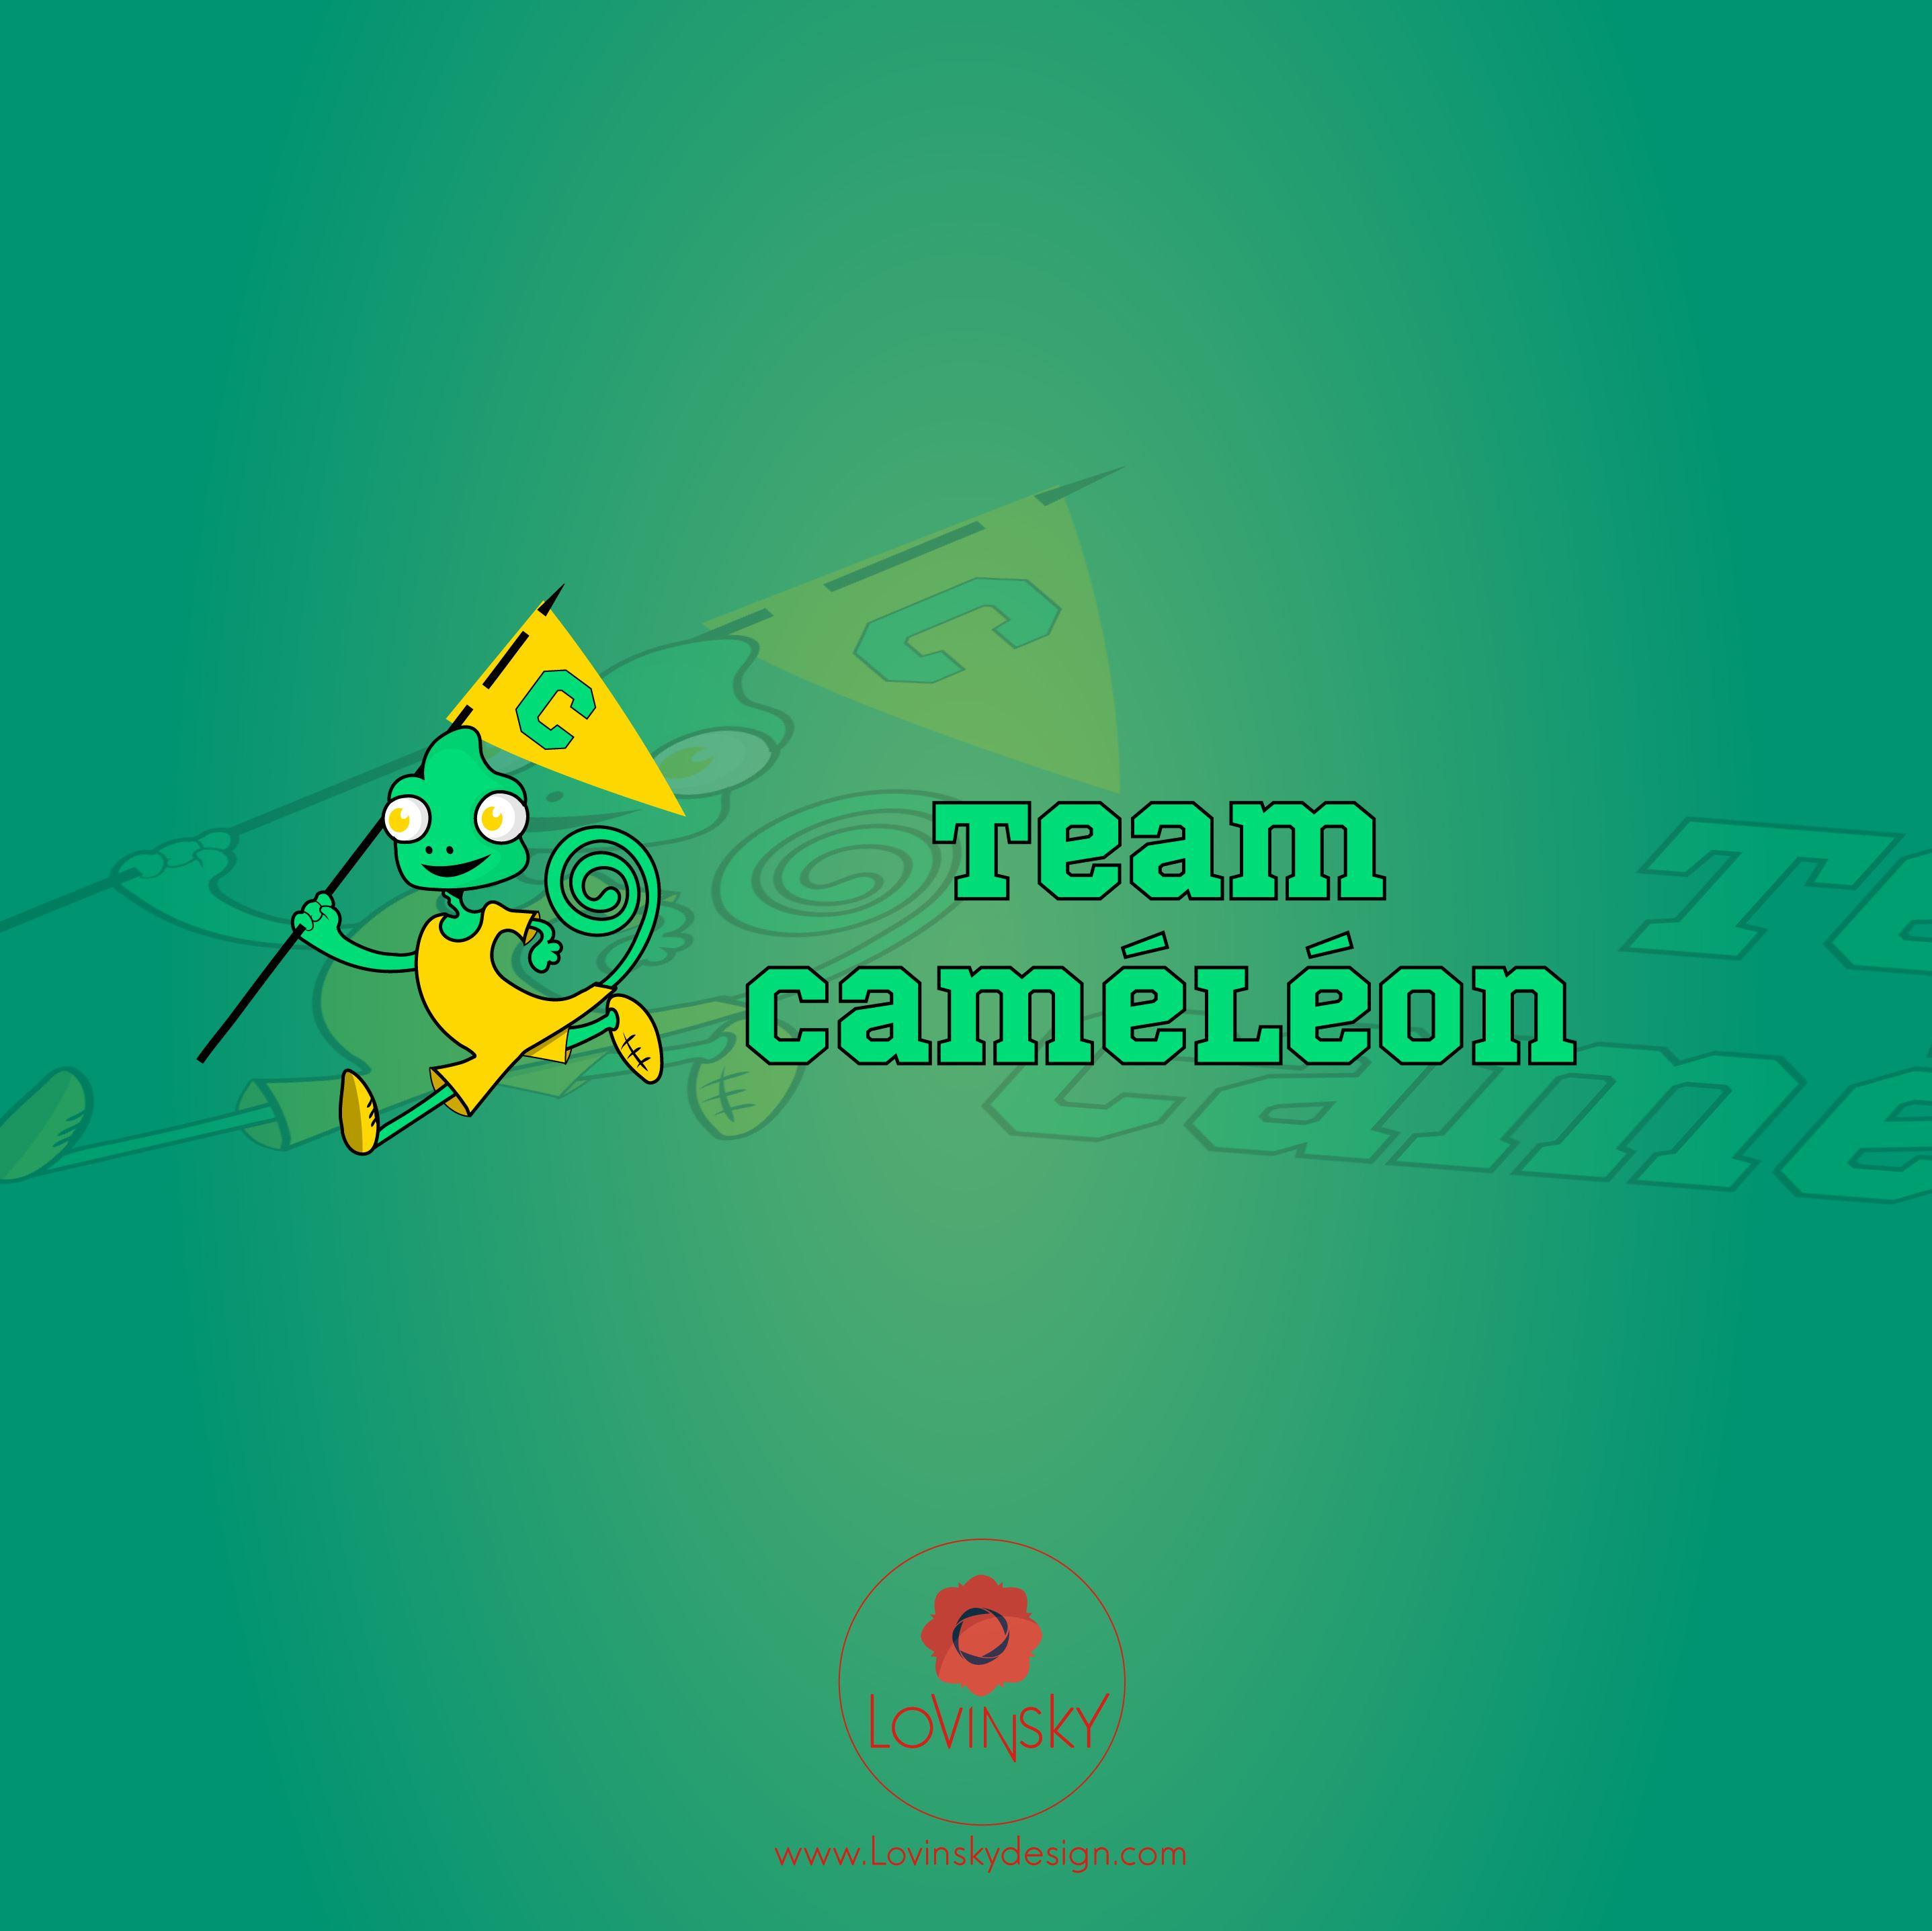 caméléon logo lovinsky graphiste webdesigner freelance nantes 44